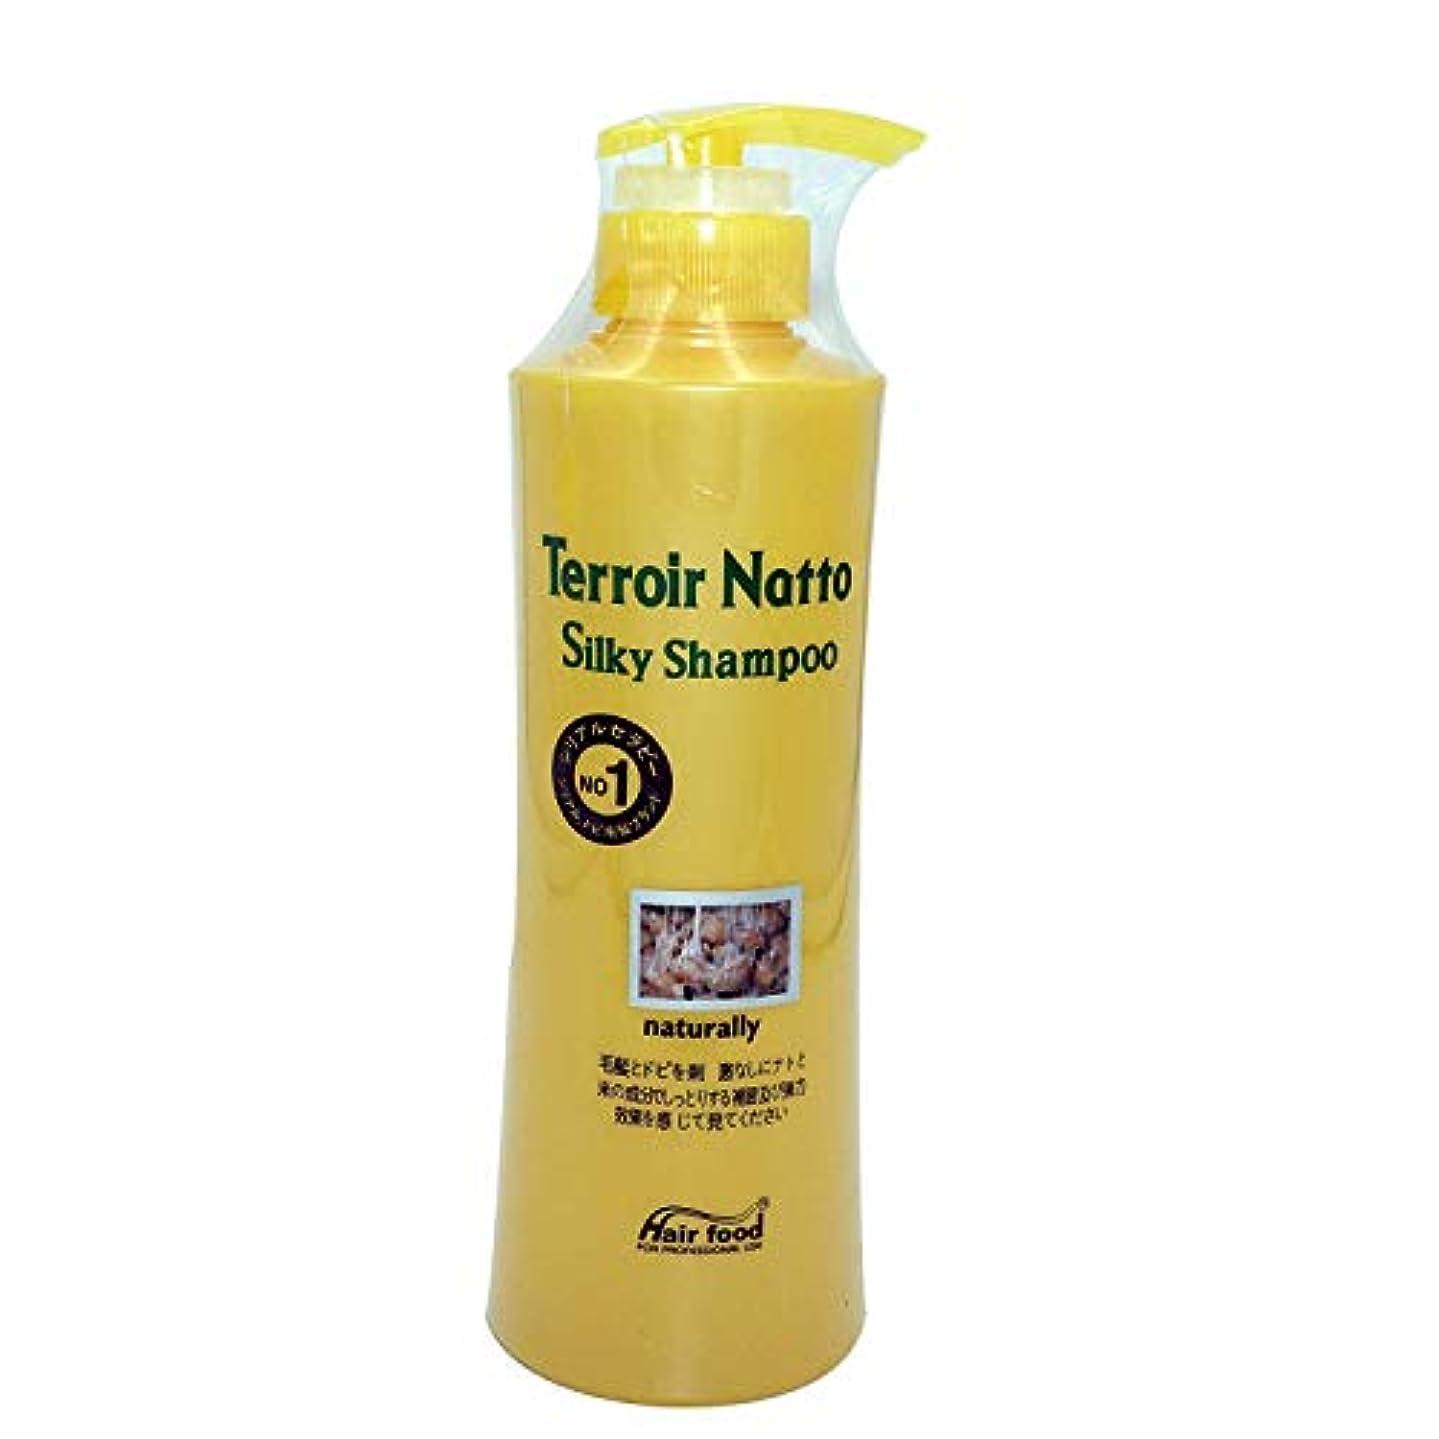 中傷バス軍団Hair food テロワール納豆シルキーシャンプー500ml、乾燥薄毛とセンシティブな頭皮用 - ビタミンタンパクによる弾力ヘア (Terroir Natto Silky Shampoo 500ml for Dry Thin...